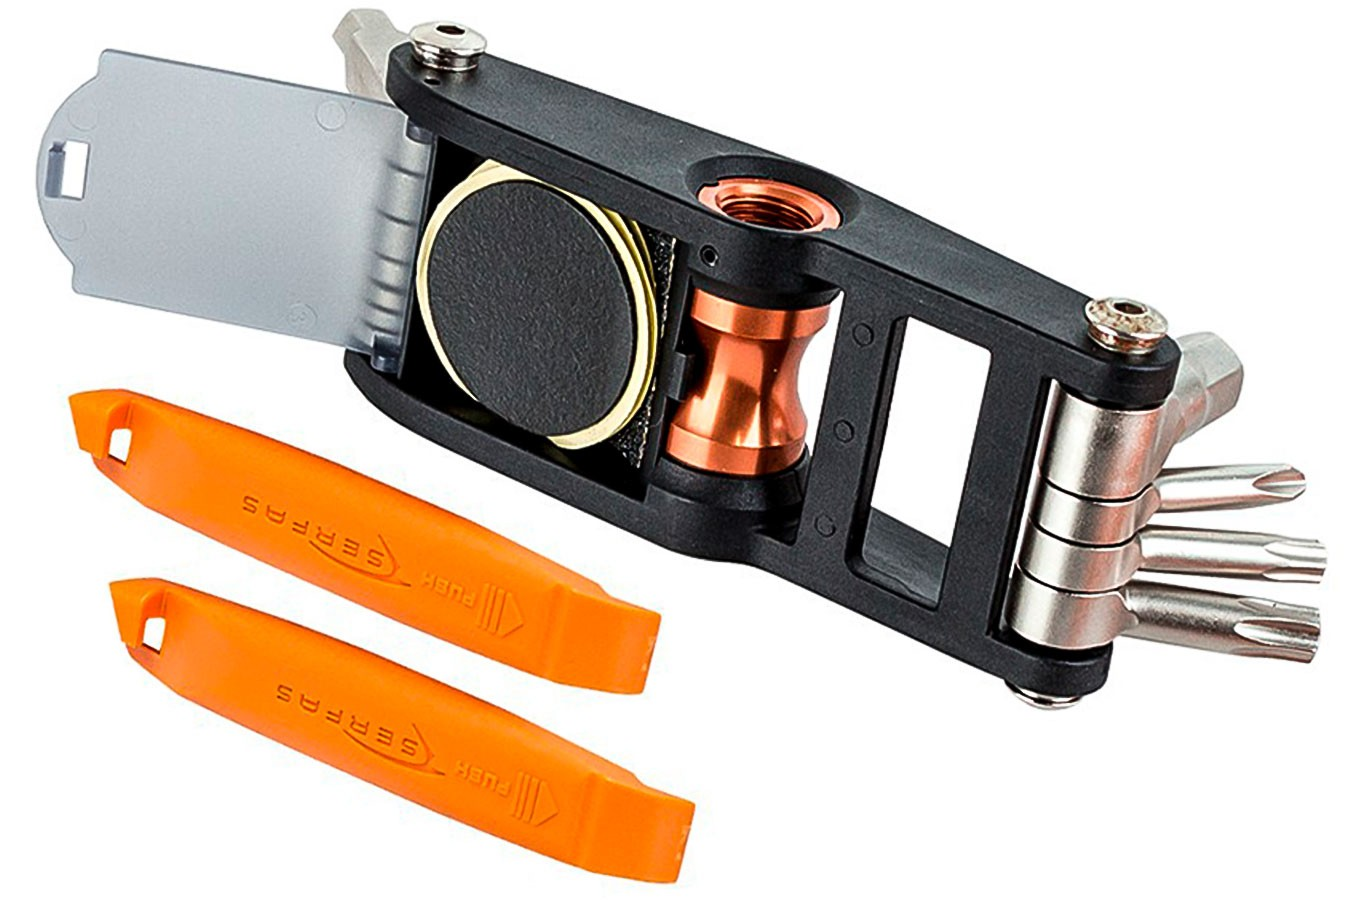 Kit Ferramentas Bike Canivete 15 funções ST-15L - Serfas